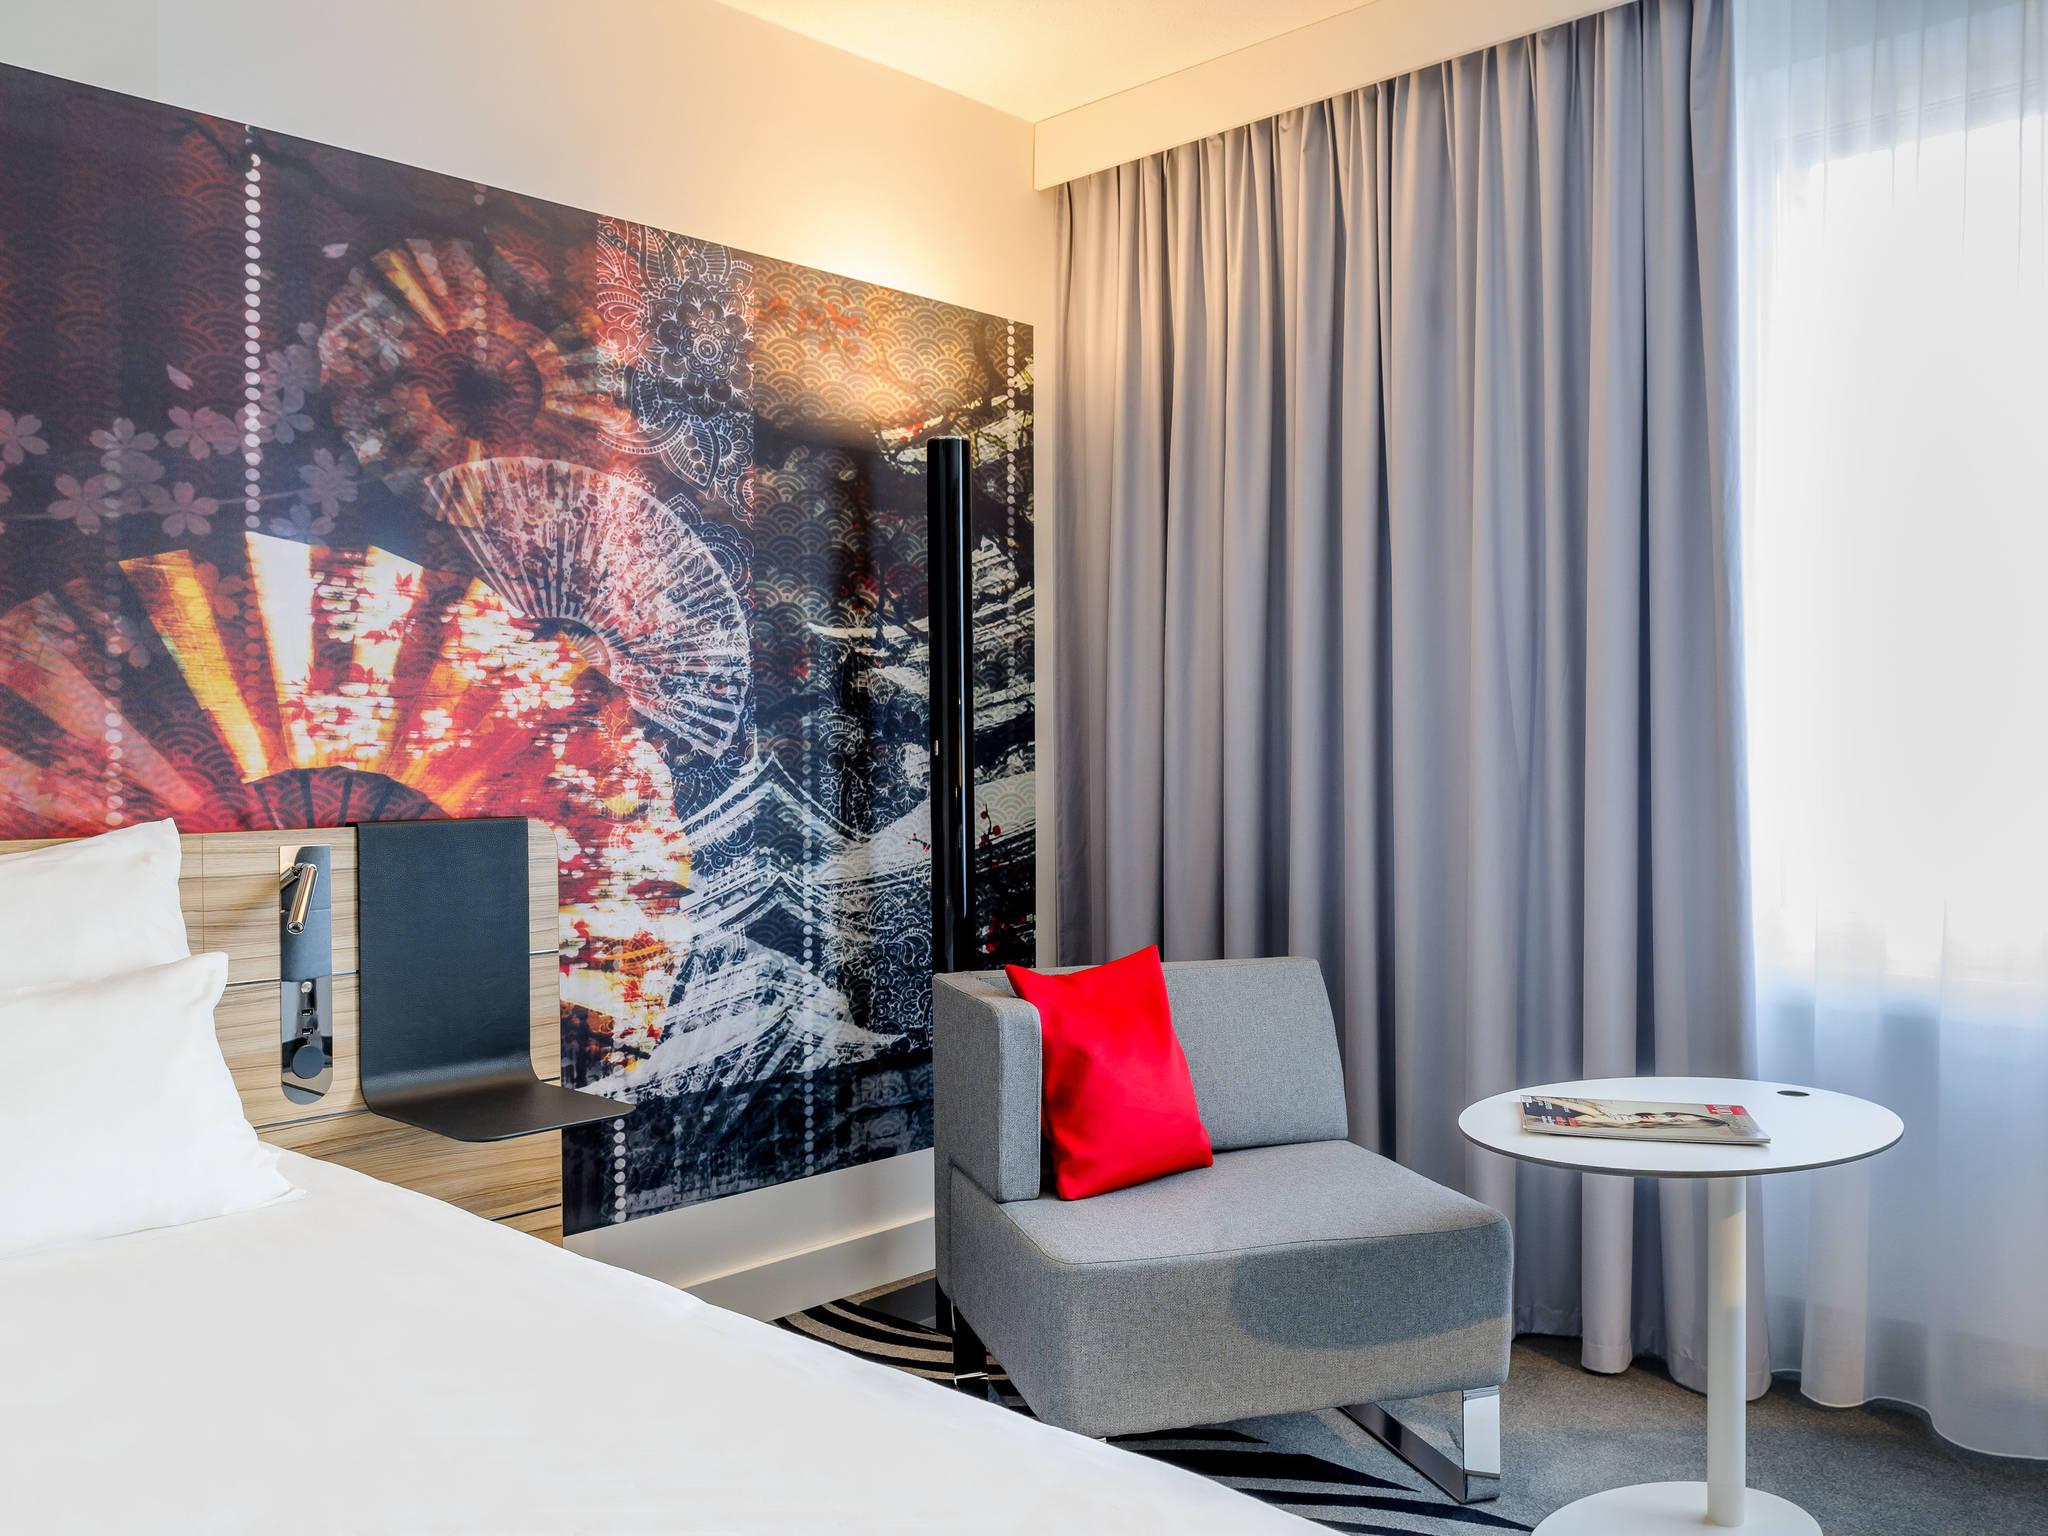 Hotel in Köln - Novotel Köln City jetzt online buchen